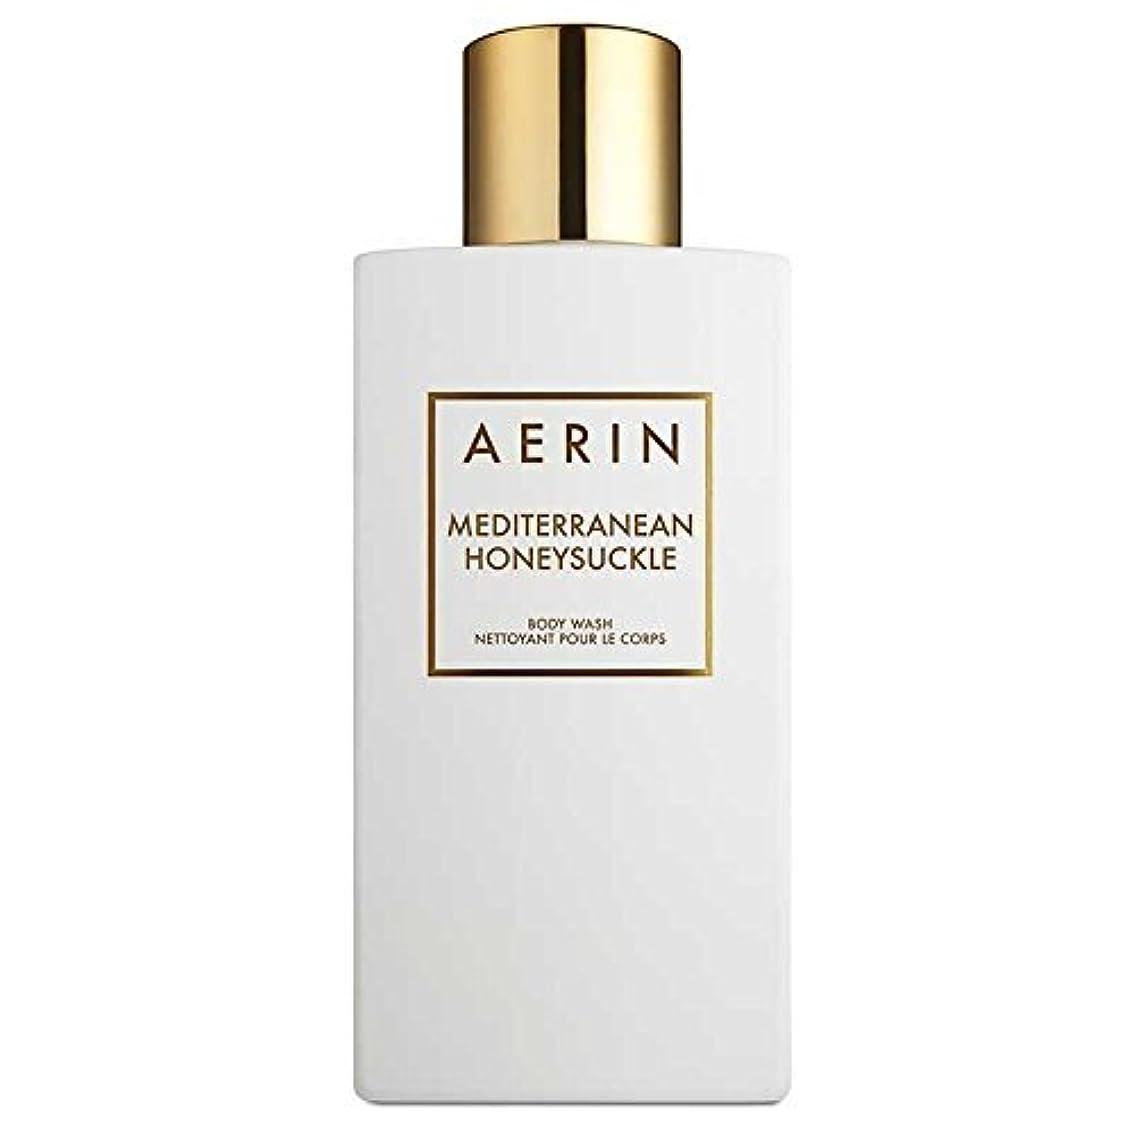 ヒントゴミ箱を空にする冗談でAERIN Mediterranean Honeysuckle (アエリン メディタレーニアン ハニーサックル) 7.6 oz (228ml) Body Wash ボディーウオッシュ by Estee Lauder for...